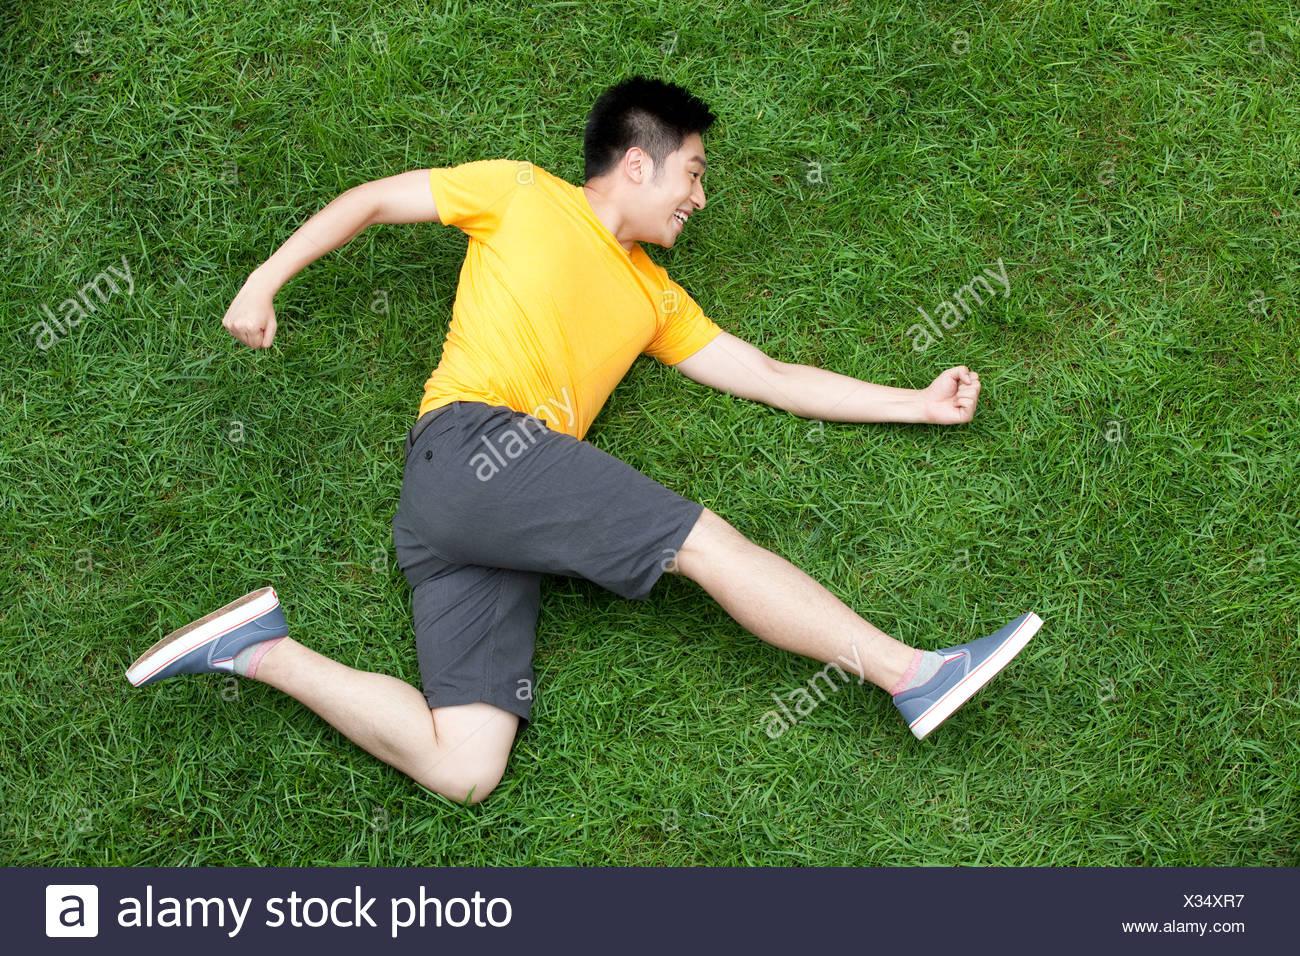 Kreative junge Mann imitieren laufen auf Wiese Stockbild